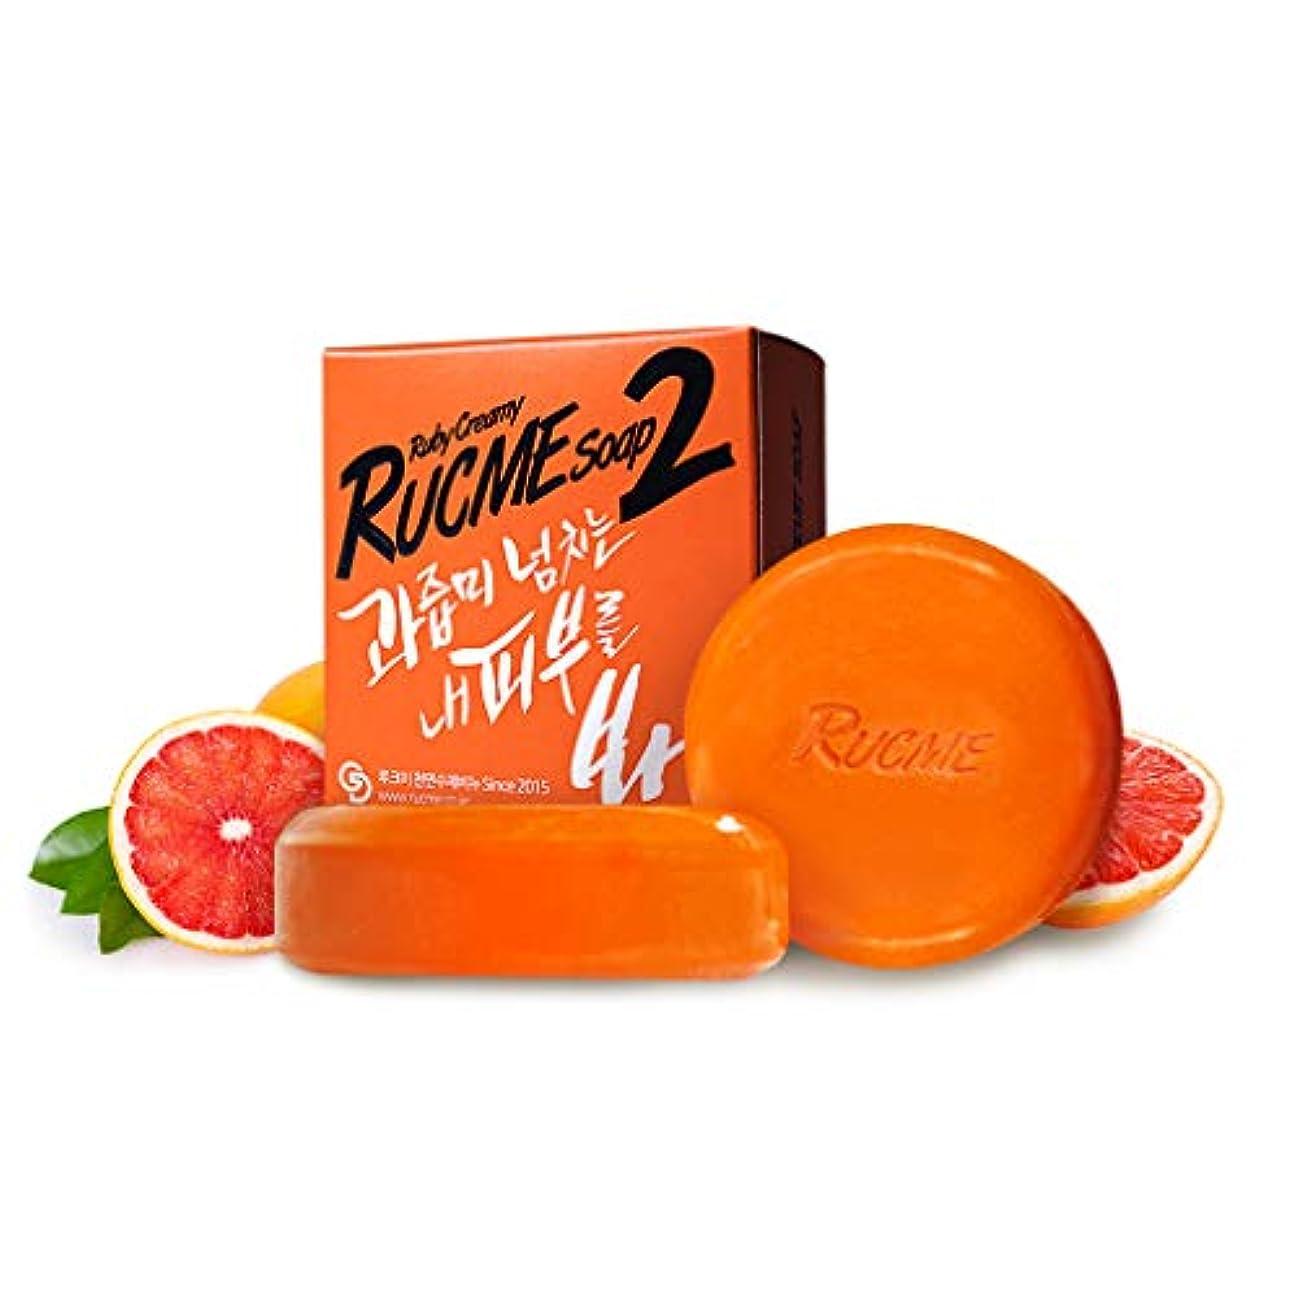 ストレスの多い廃棄する懲戒[RUCME] グレープフルーツ&パプリカ 洗顔石鹸/ルビークリーミーソープ 2